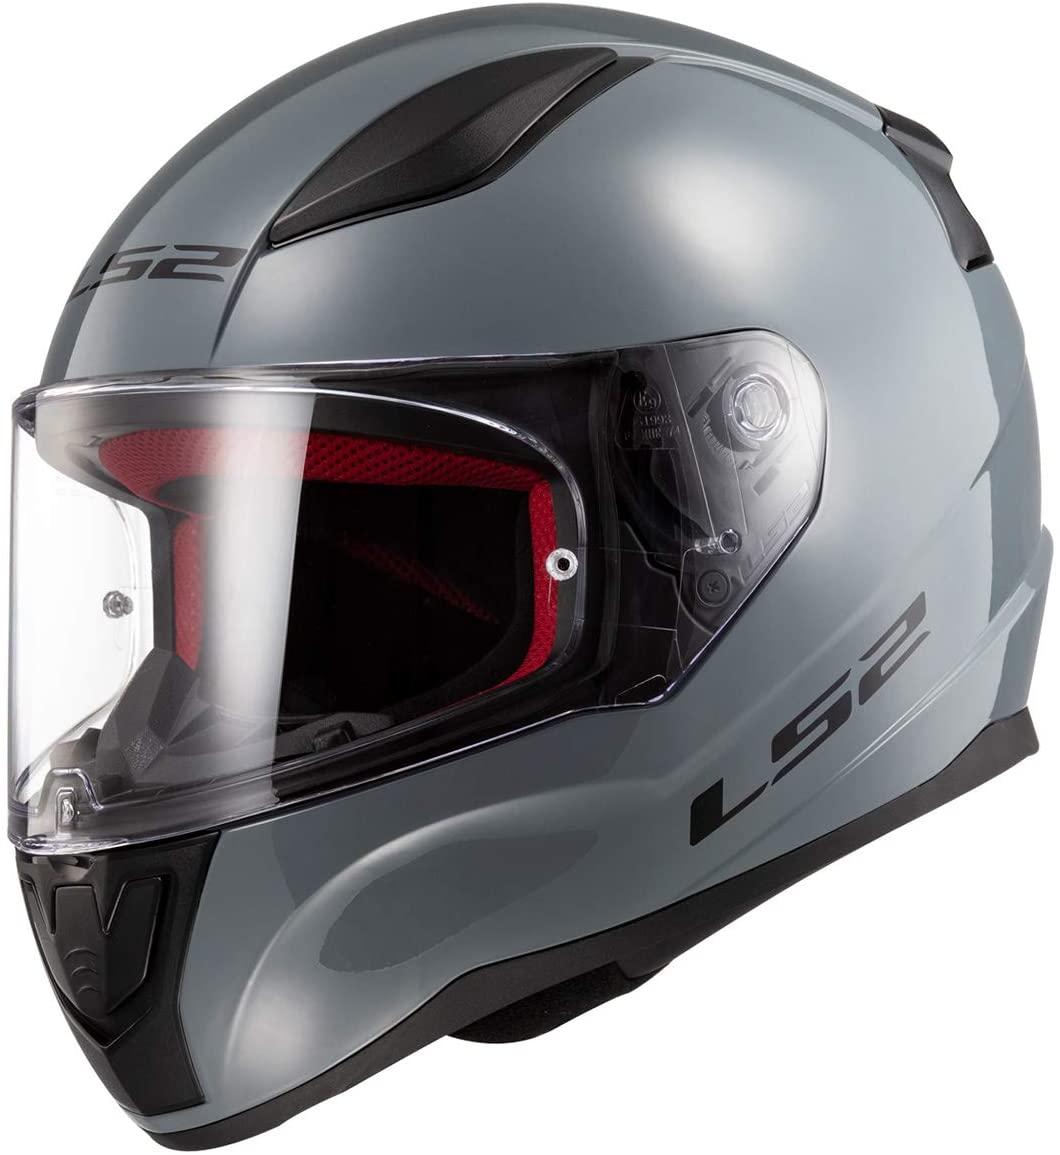 LS2 Helmets Full Face Rapid Street Helmet (Gloss Battleship Gray - Medium)